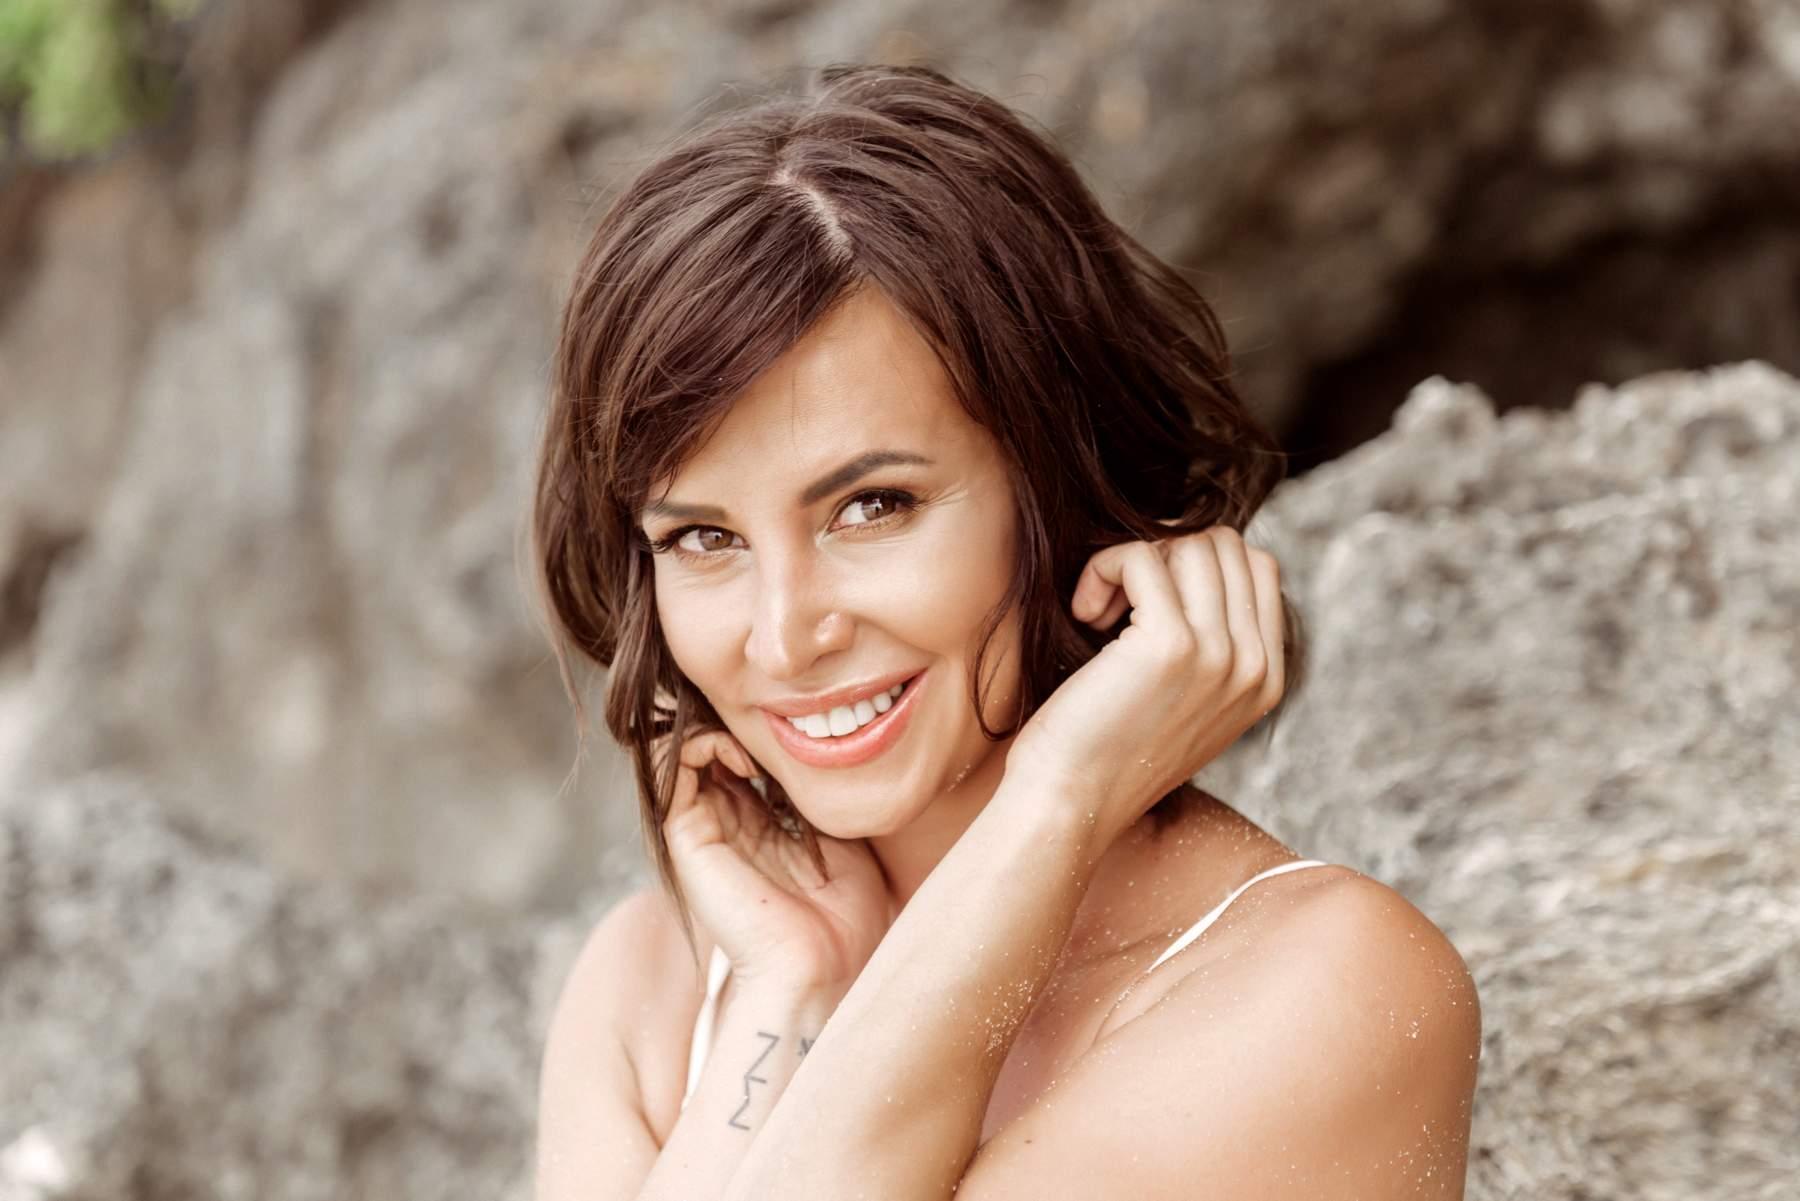 Ботокс или массаж лица: Натали Неведрова раскрыла секрет красоты